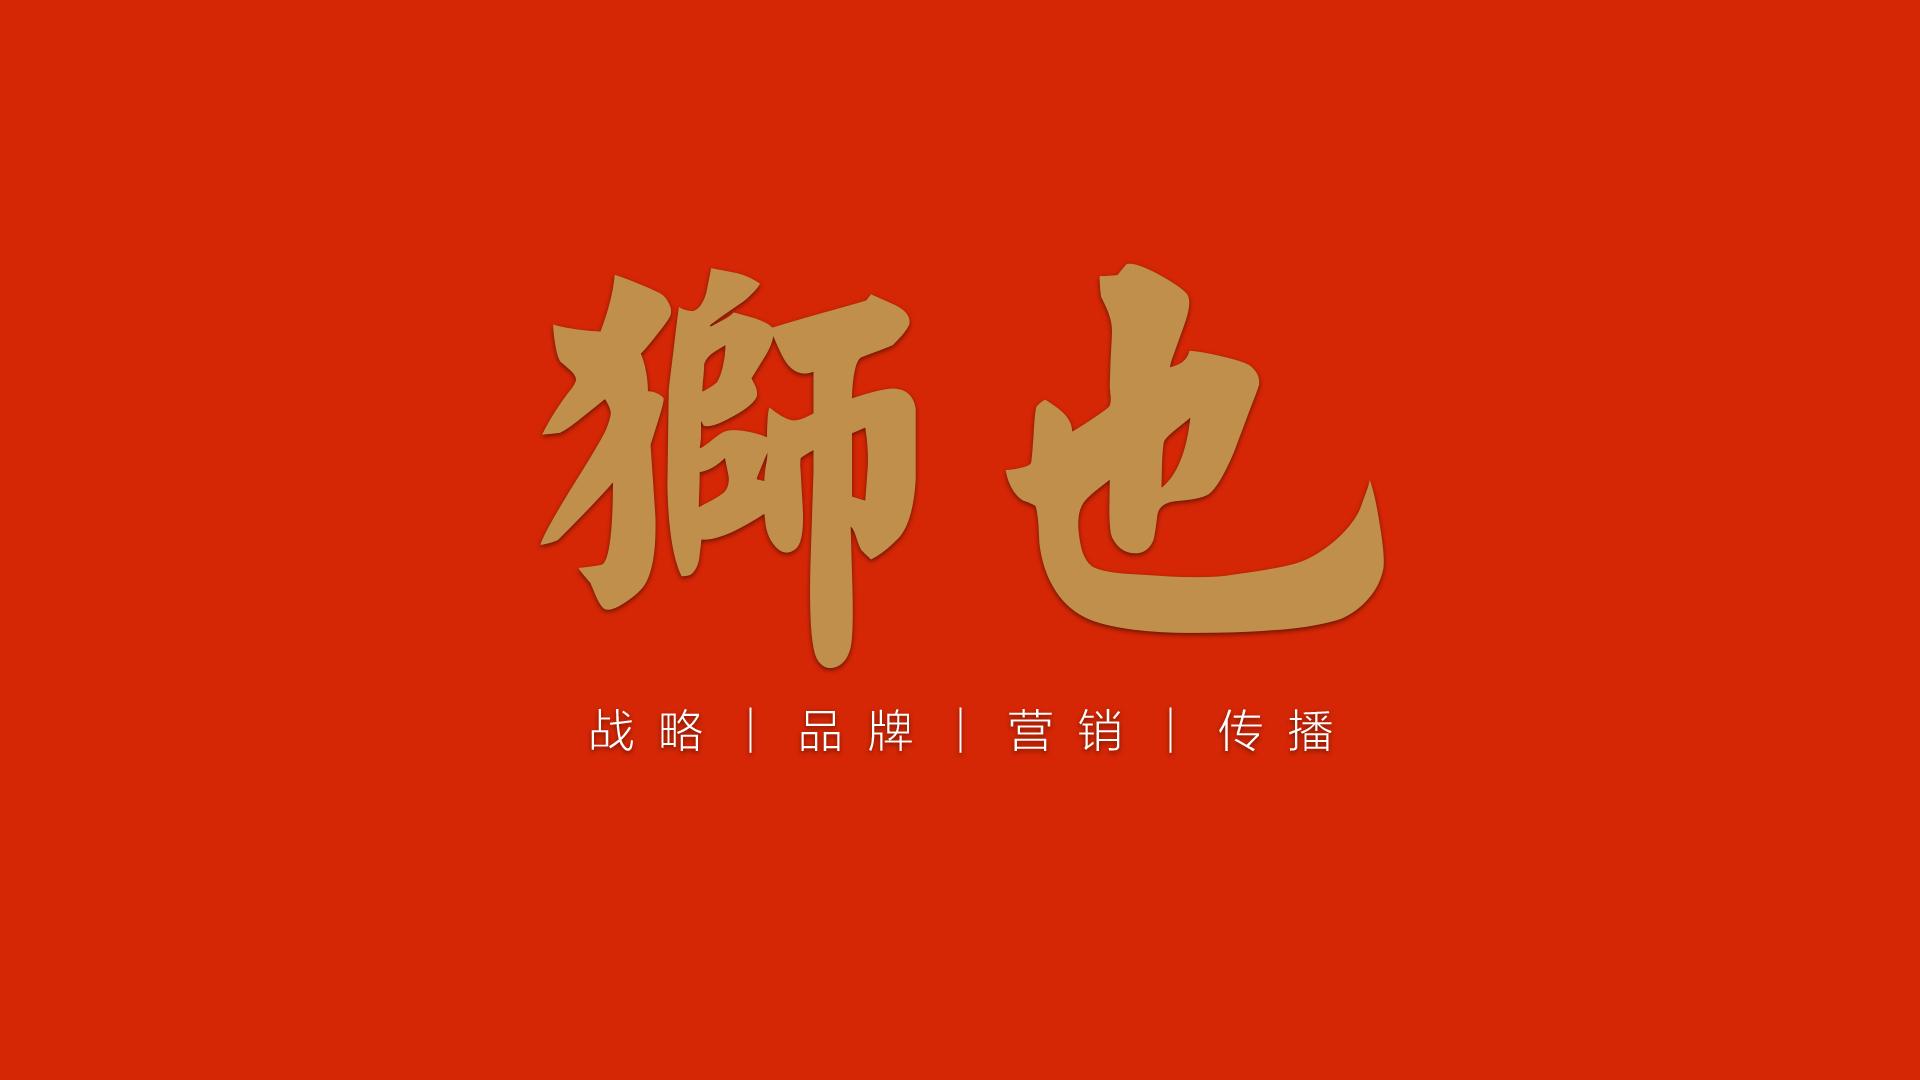 上海营销策划公司—经济全球化给我国企业带来的机遇与挑战